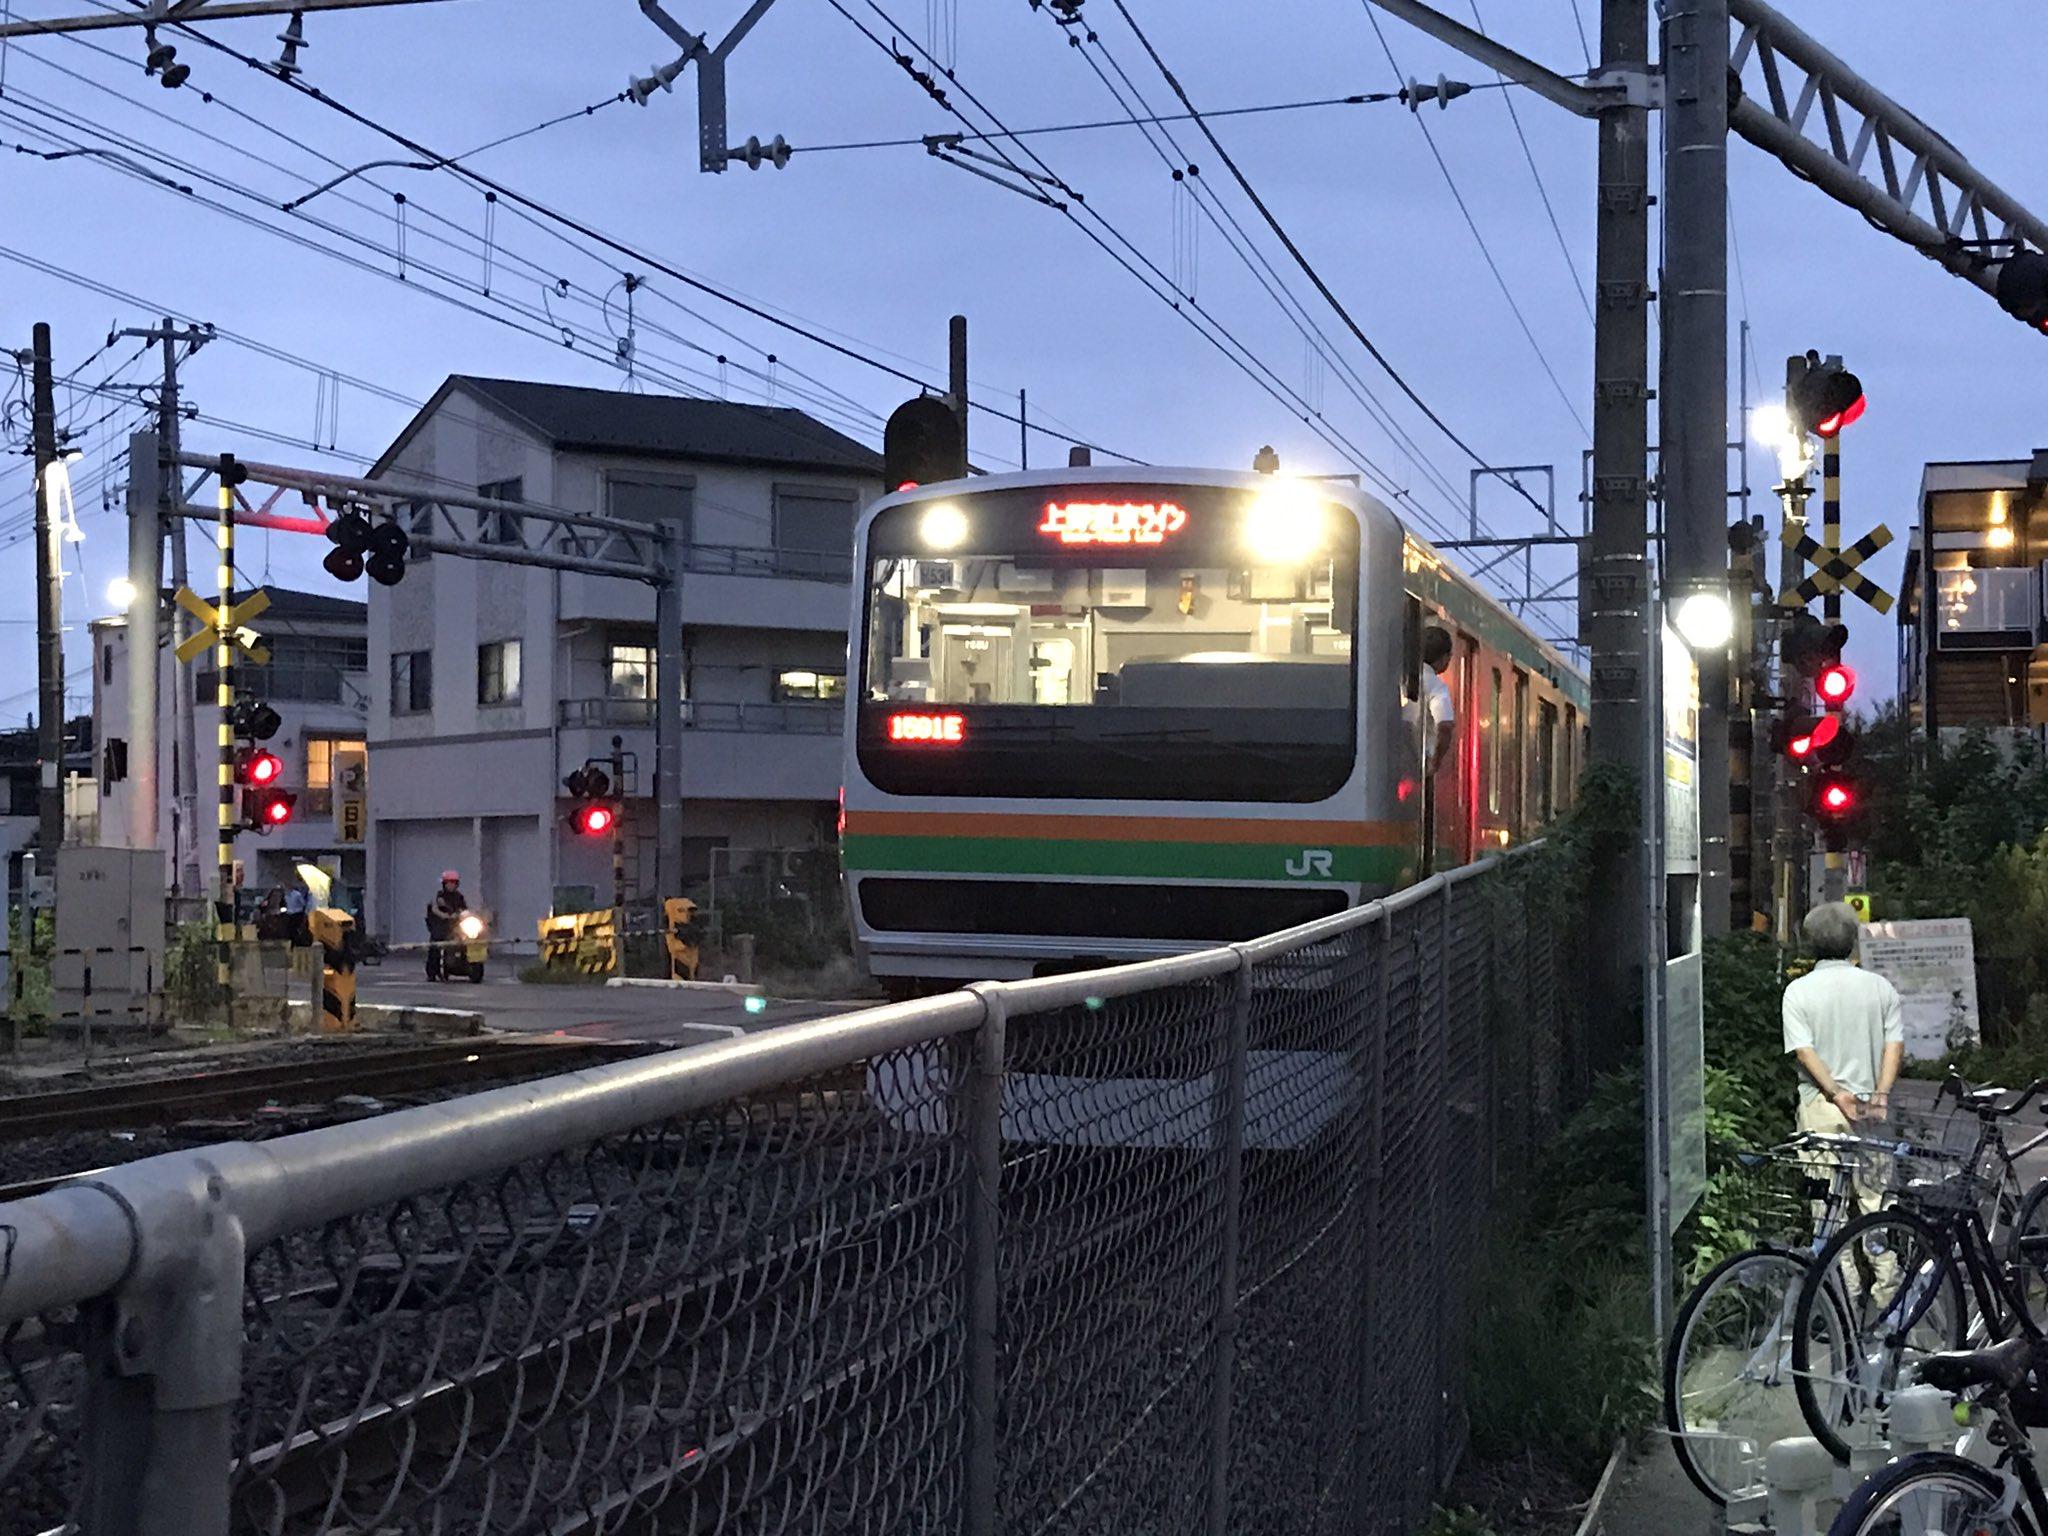 蓮田駅付近の踏切で人身事故が発生し電車が緊急停止している現場の画像